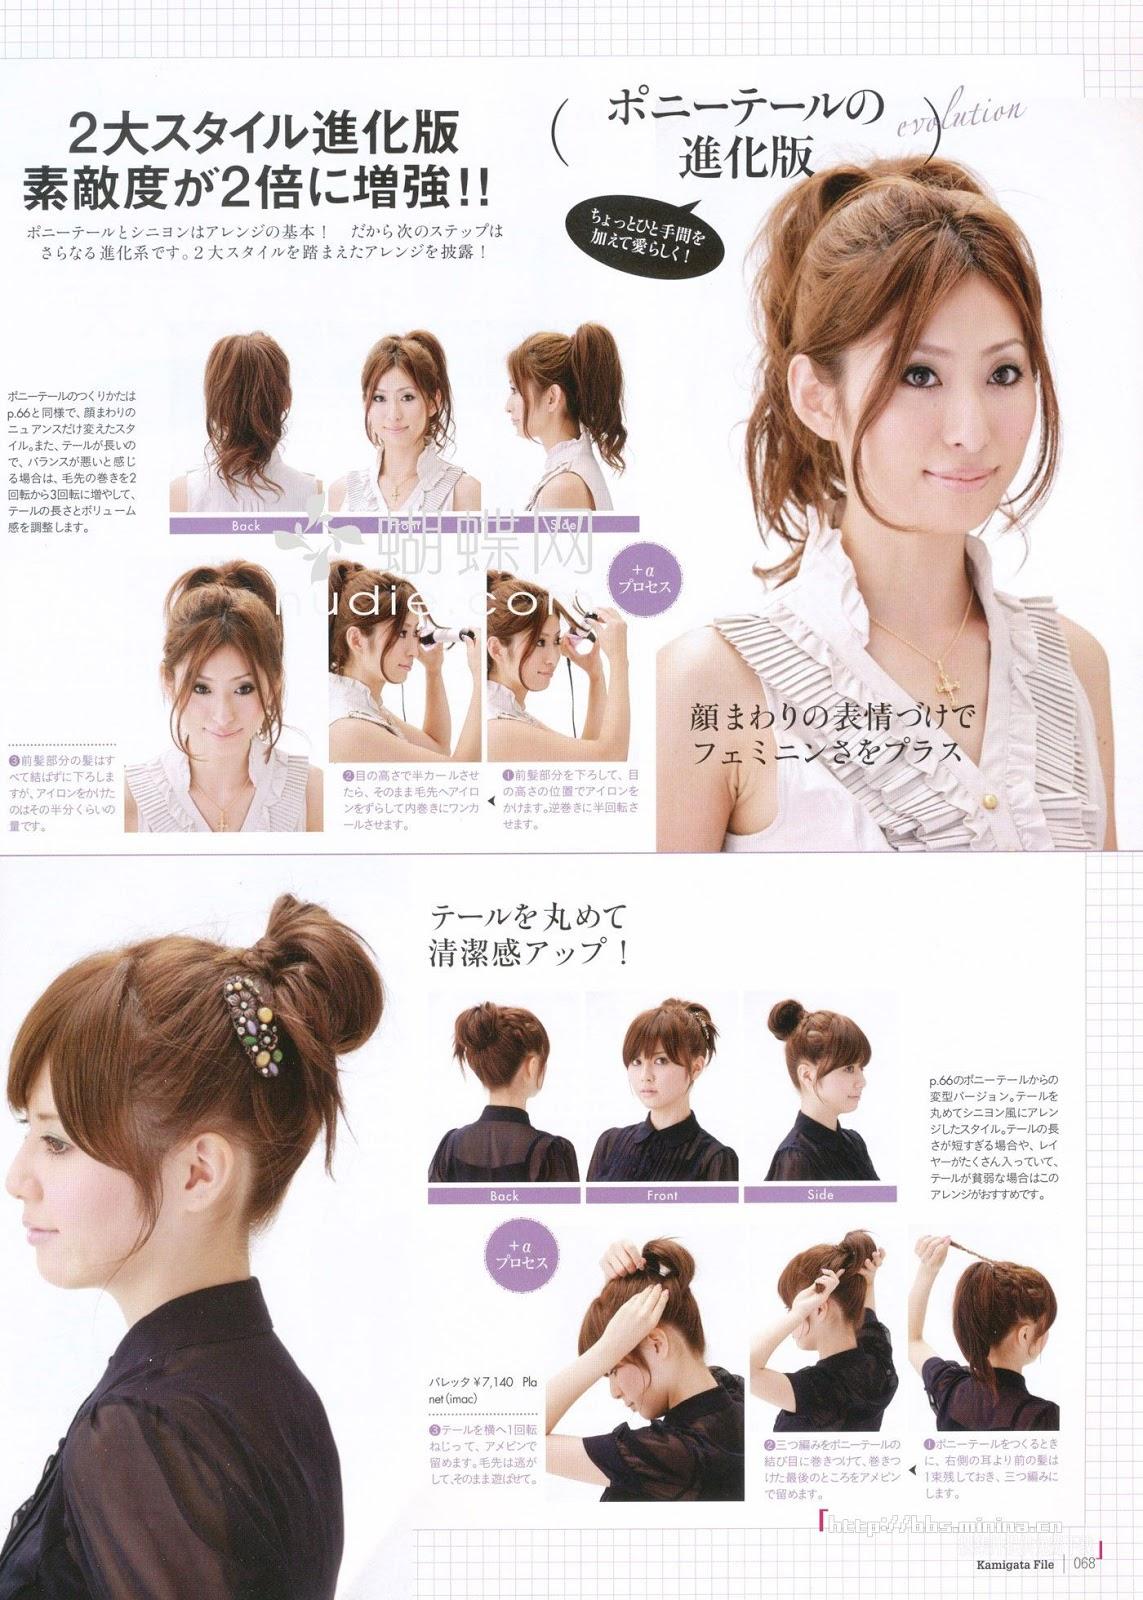 Peinados Japoneses Antiguos - Peinados japoneses del pasado Muchos Estilos